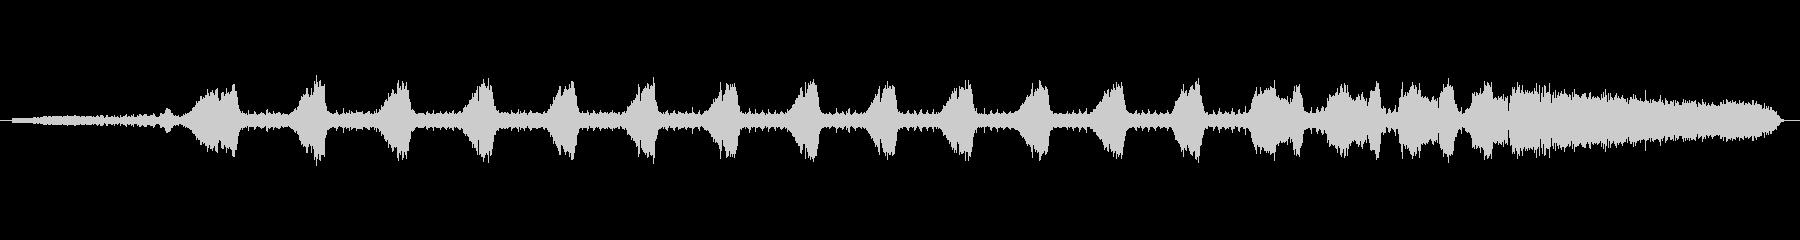 ツクツクボウシの鳴き声、一匹の未再生の波形